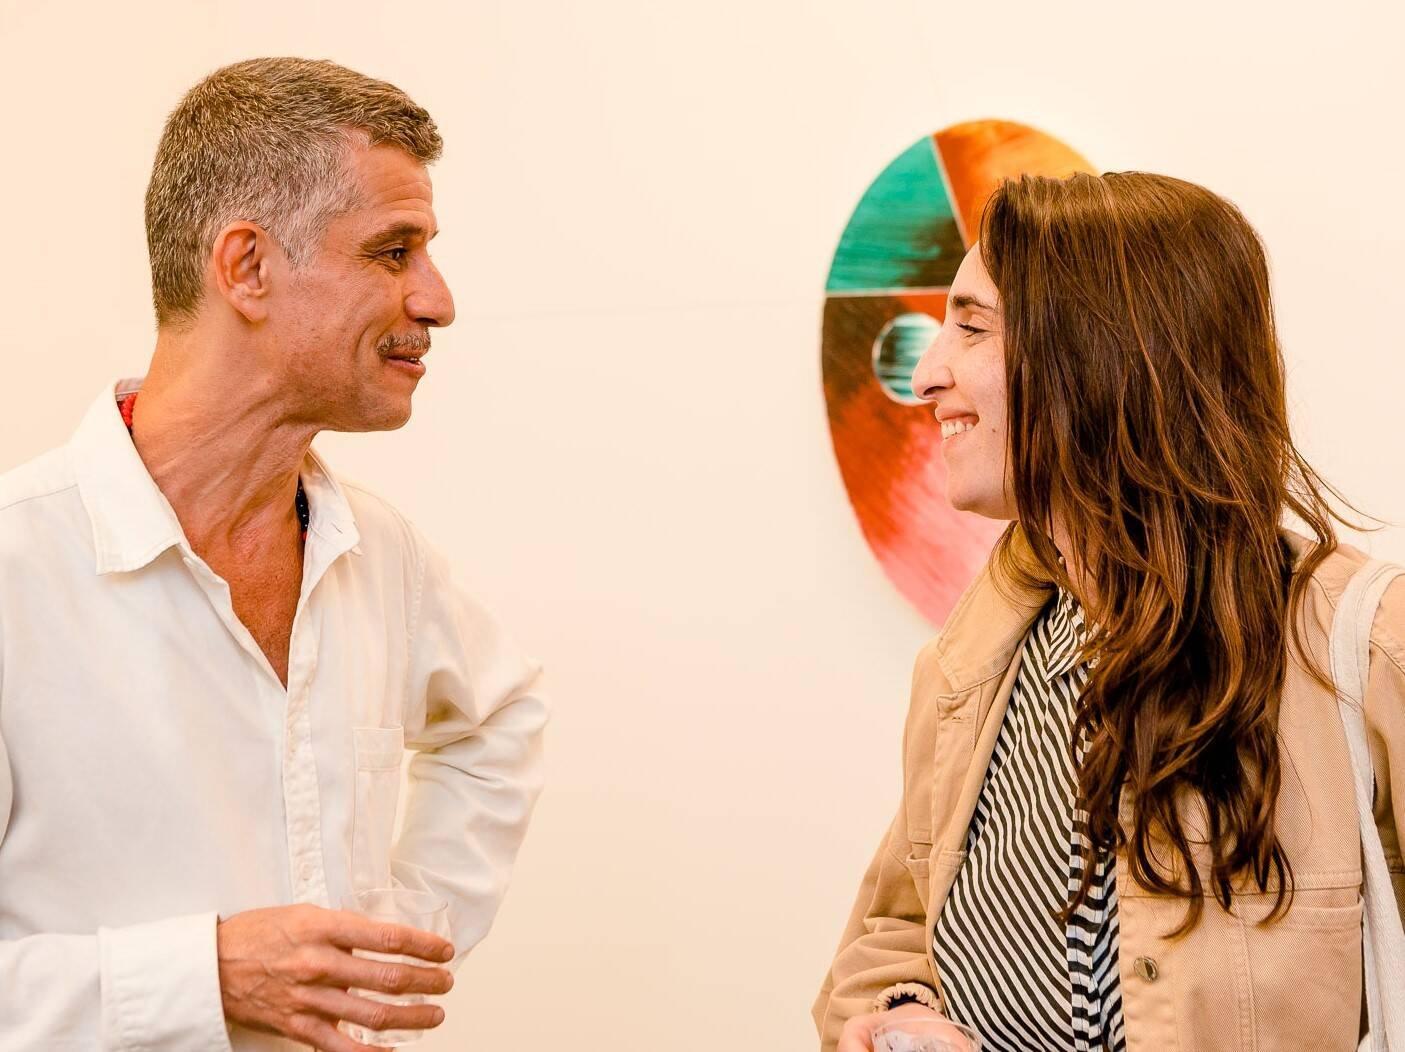 Cabelo e Mariana Falcão /Foto: Bruno Ryfer